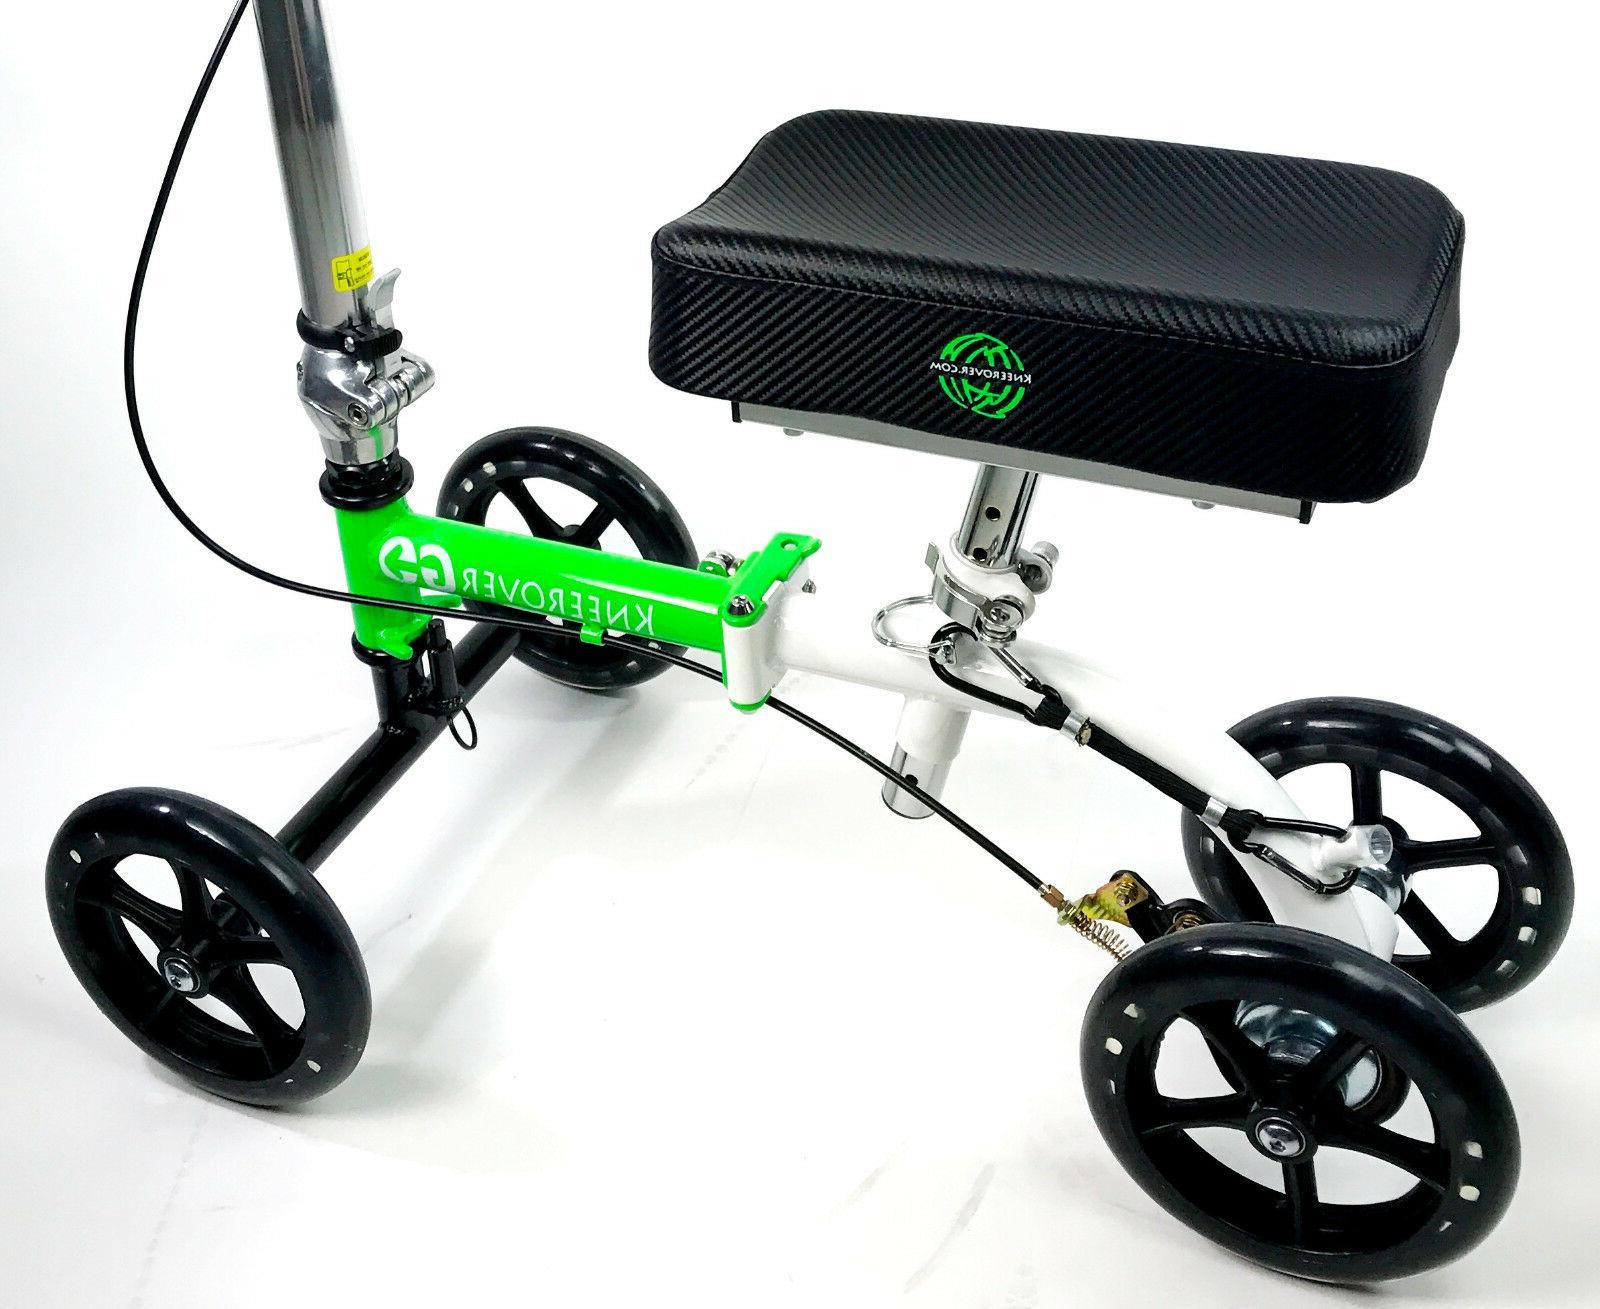 NEW KneeRover GO Knee Walker - The Compact & Scooter